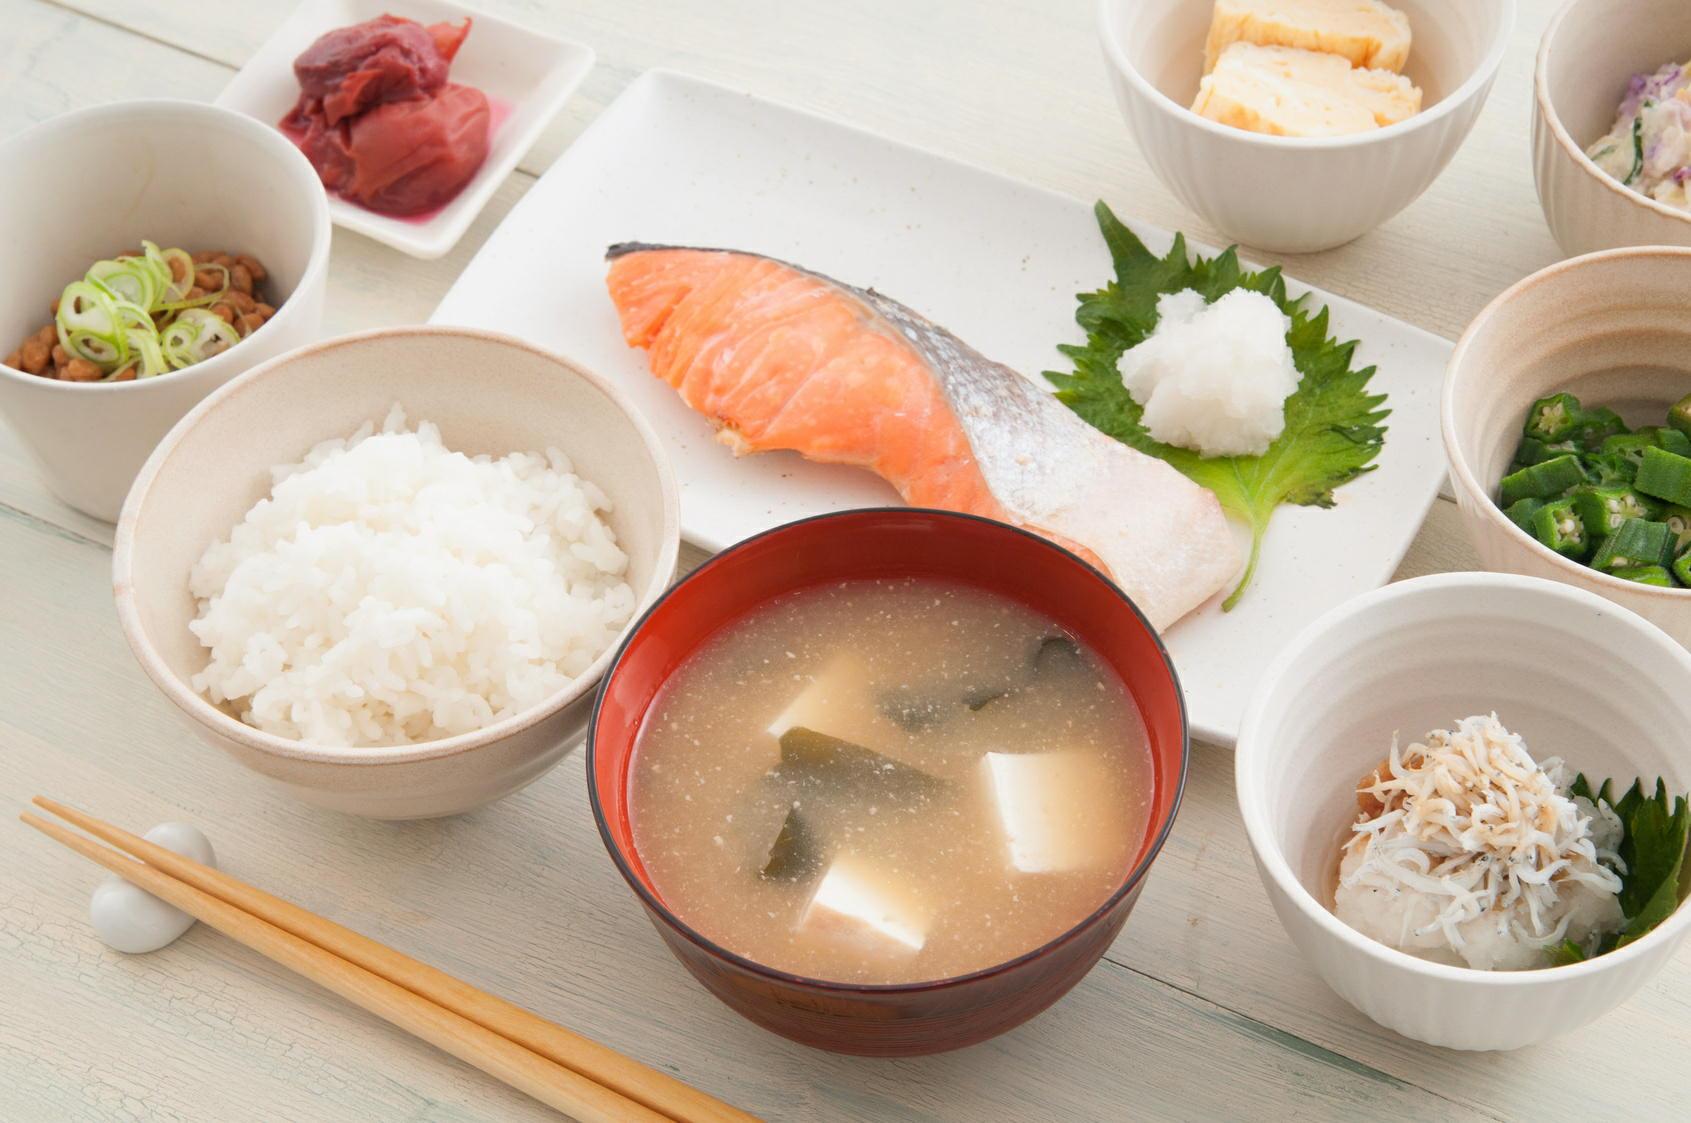 「10の食品群」の栄養バランスをチェックできる無料アプリ 東京都健康長寿医療センターなど共同開発